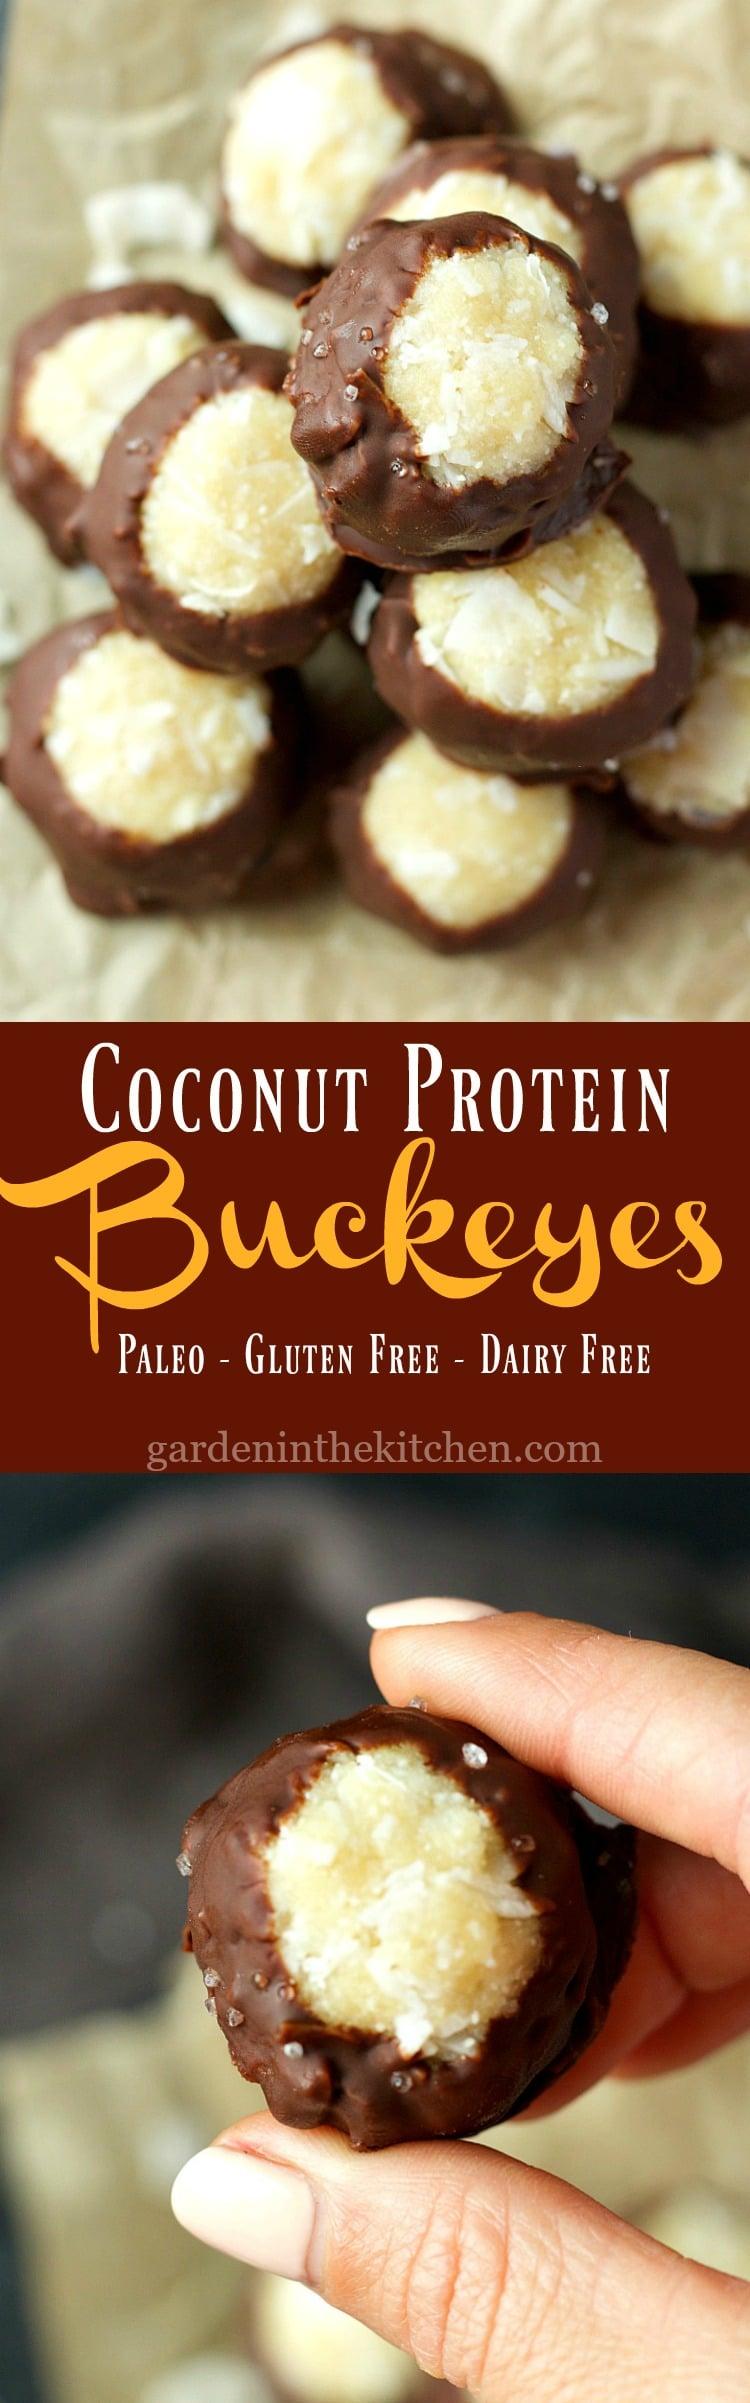 Coconut Protein Buckeyes (Paleo, Gluten-free, Dairy-free) | Garden in the Kitchen